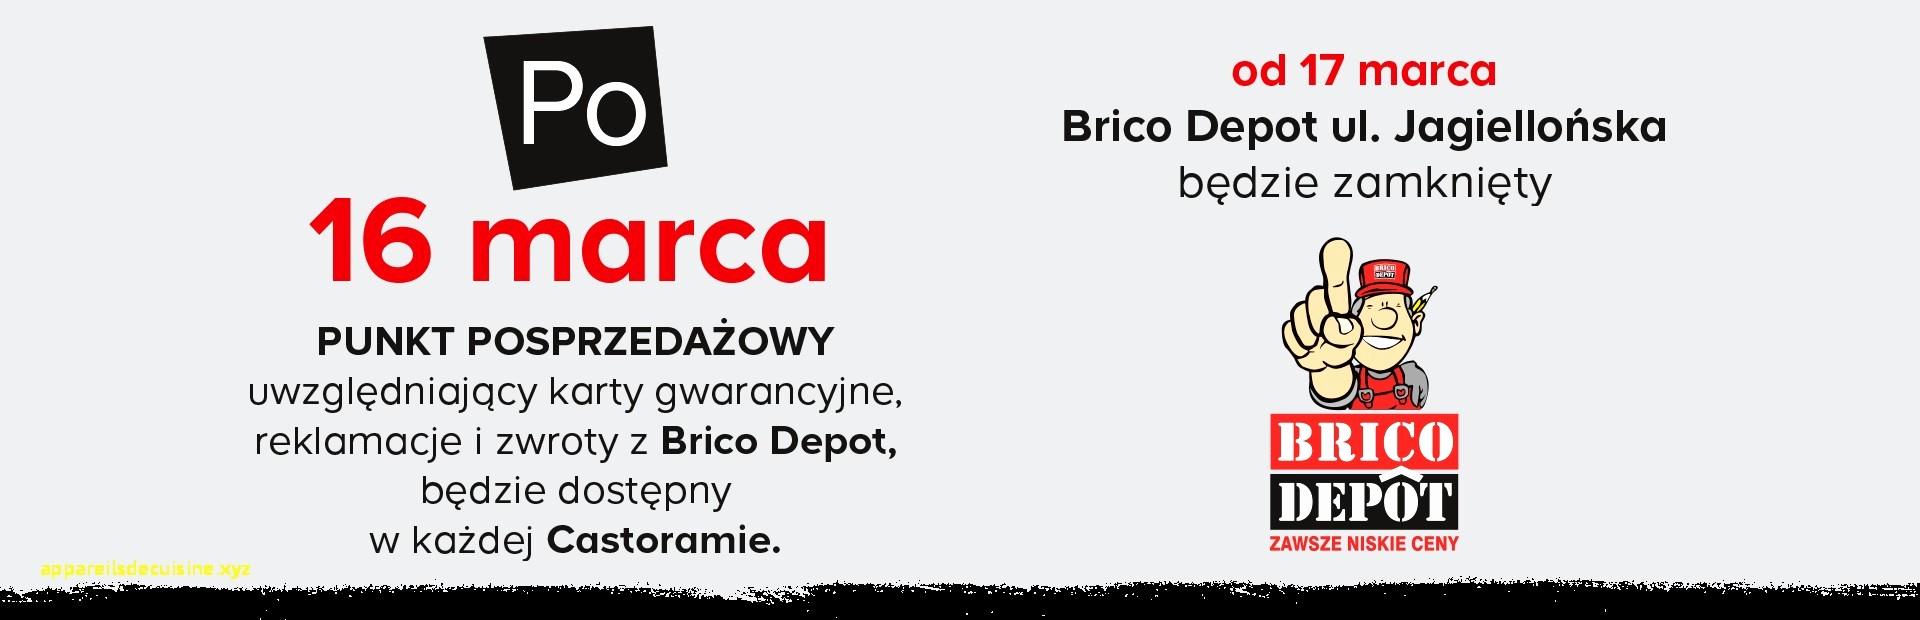 Brico Depot Peinture Beau Photographie Brico Depot Peinture Bois élégant 23 Luxe Parquet Flottant Brico